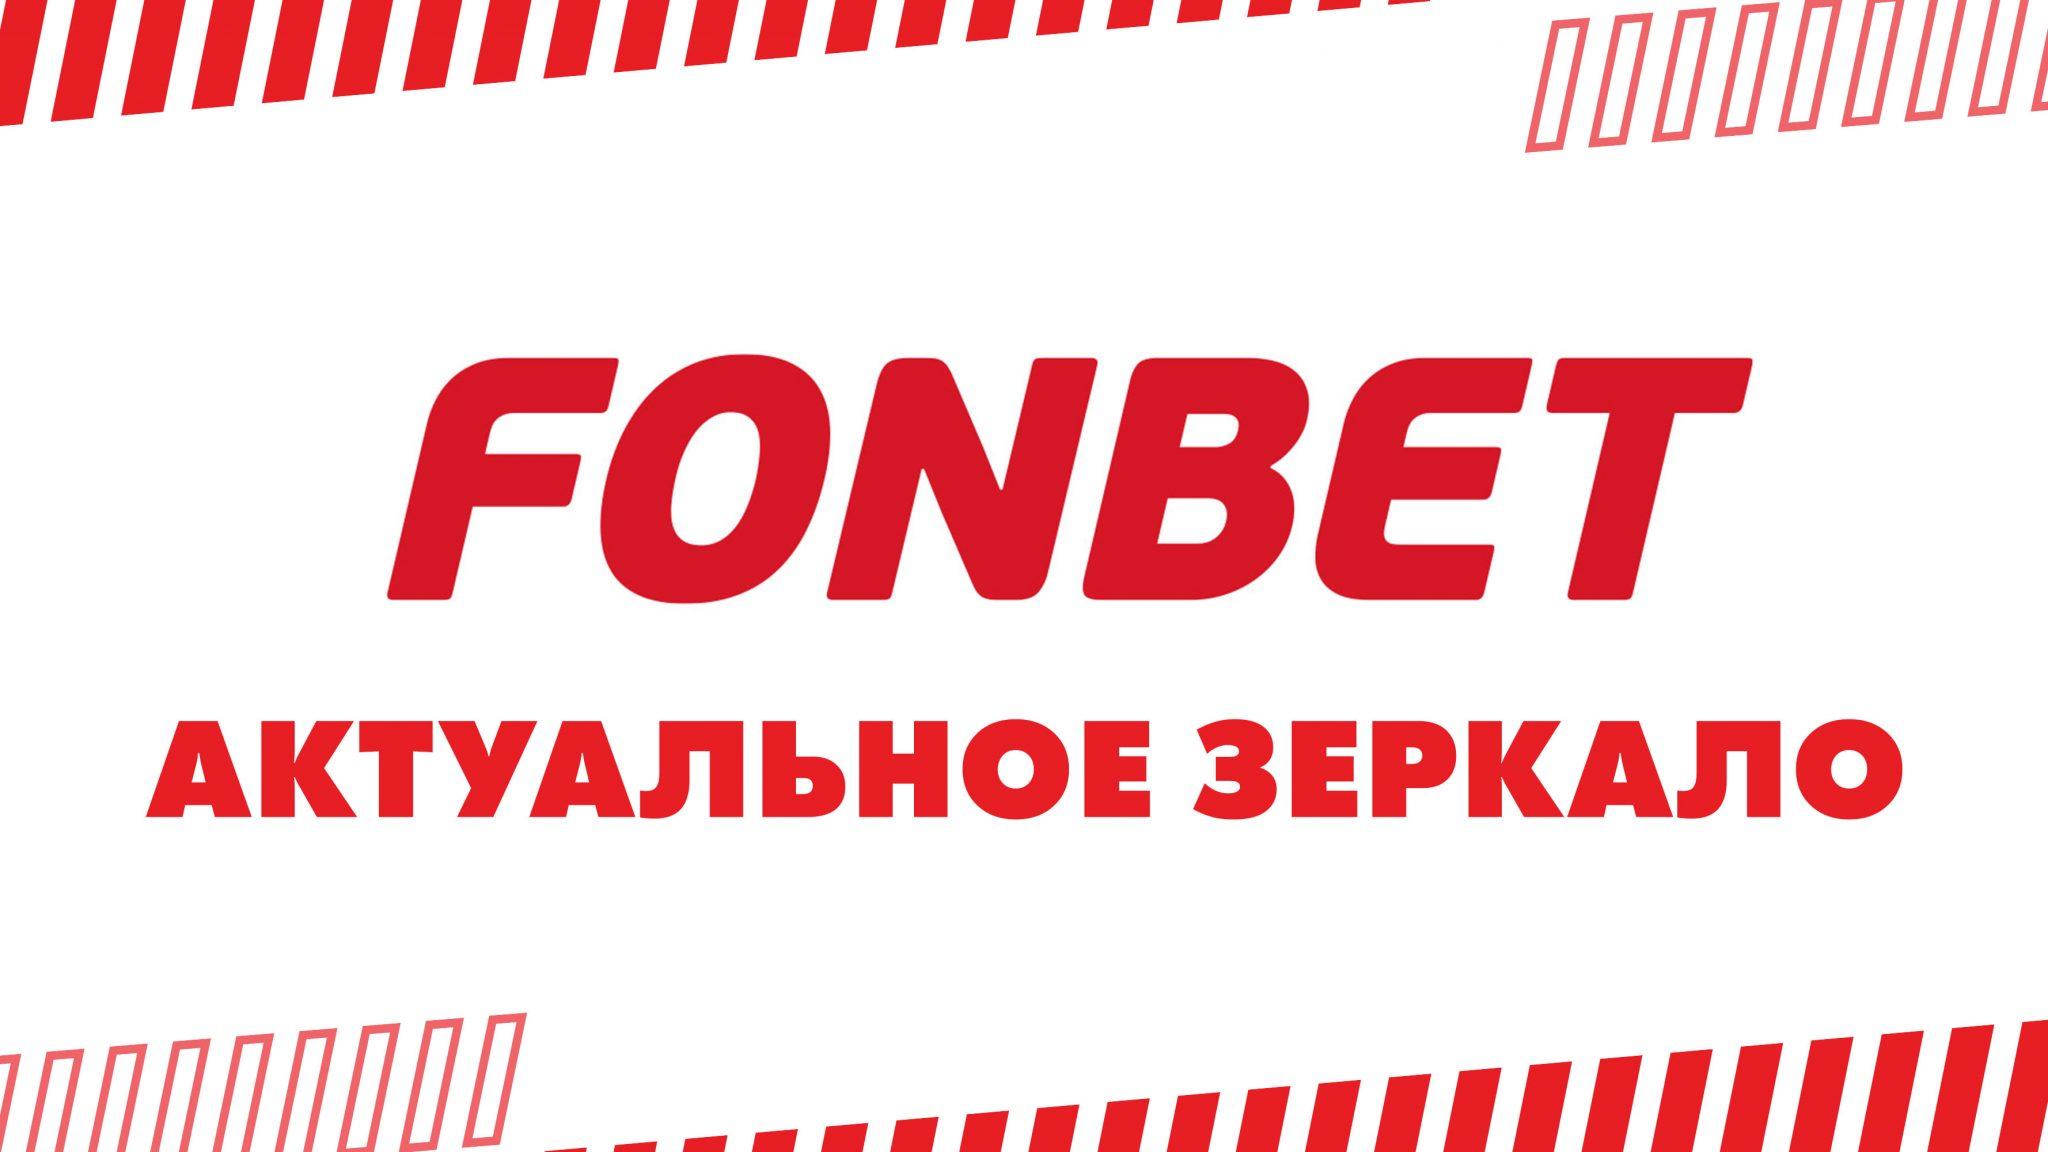 БК Fonbet зеркало и доступ к сайту